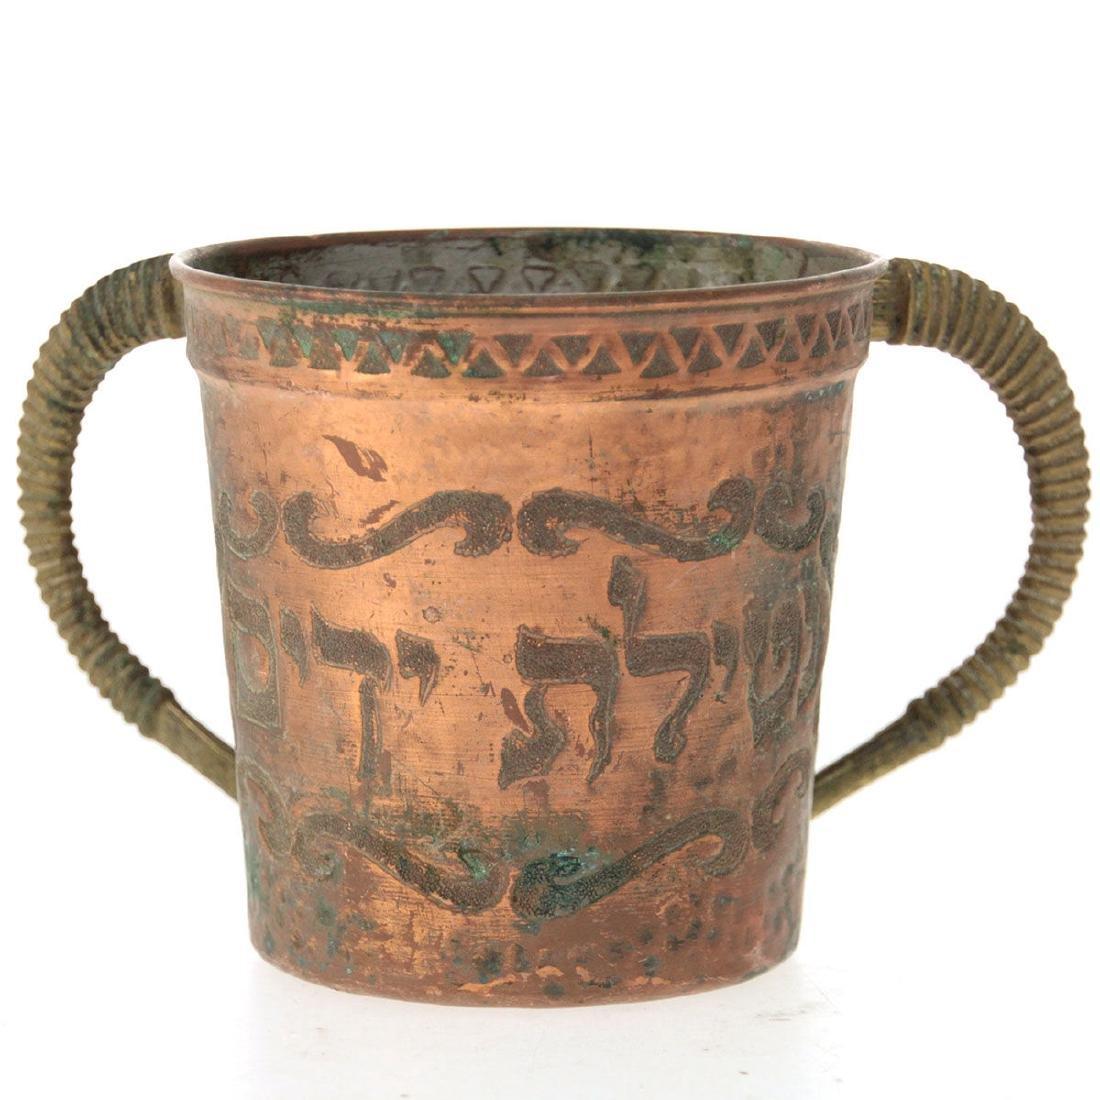 Oppenheim Copper Hand Washing Laver, Judaica.